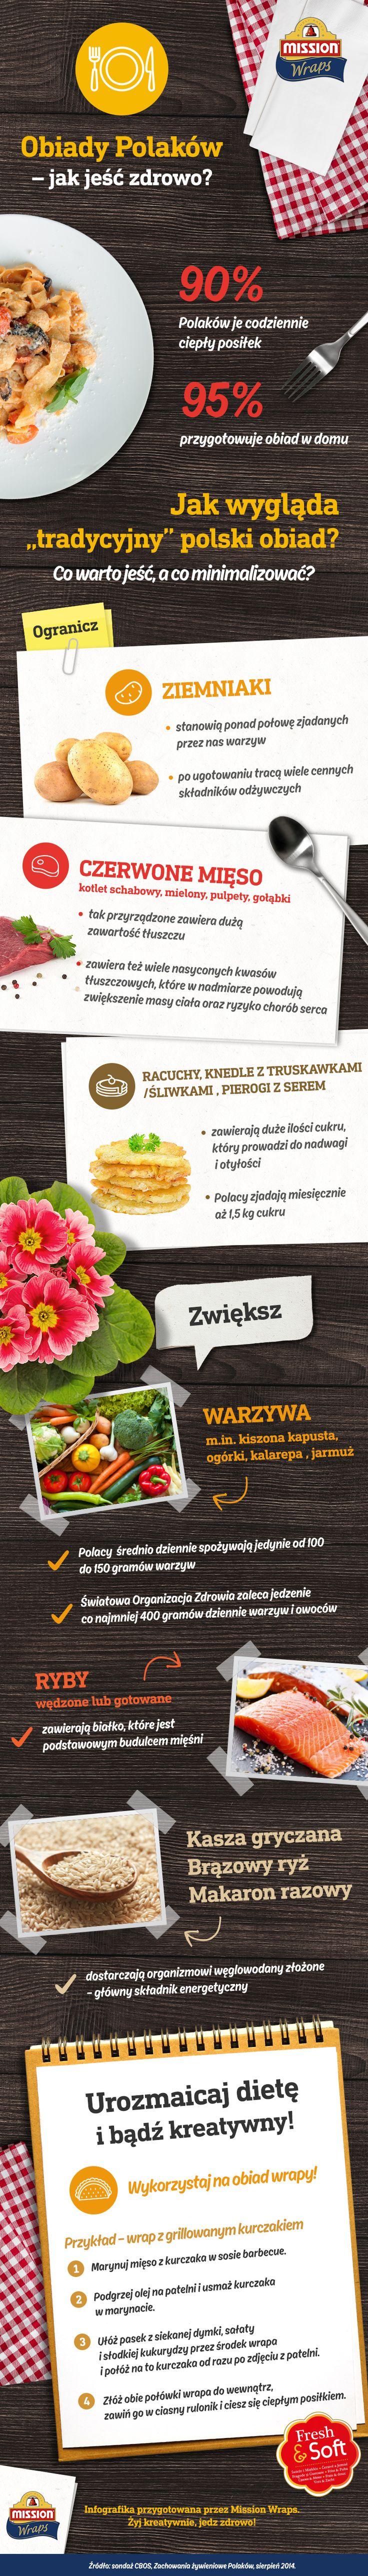 #missionwraps #wraps #infografika #obiady #jedzenie #dieta #przepis #porada #inphographic #food #inspiration #meal #nawyki #jedzenie #sondaż #badanie #inspiracja #wrapy www.missionwraps.pl